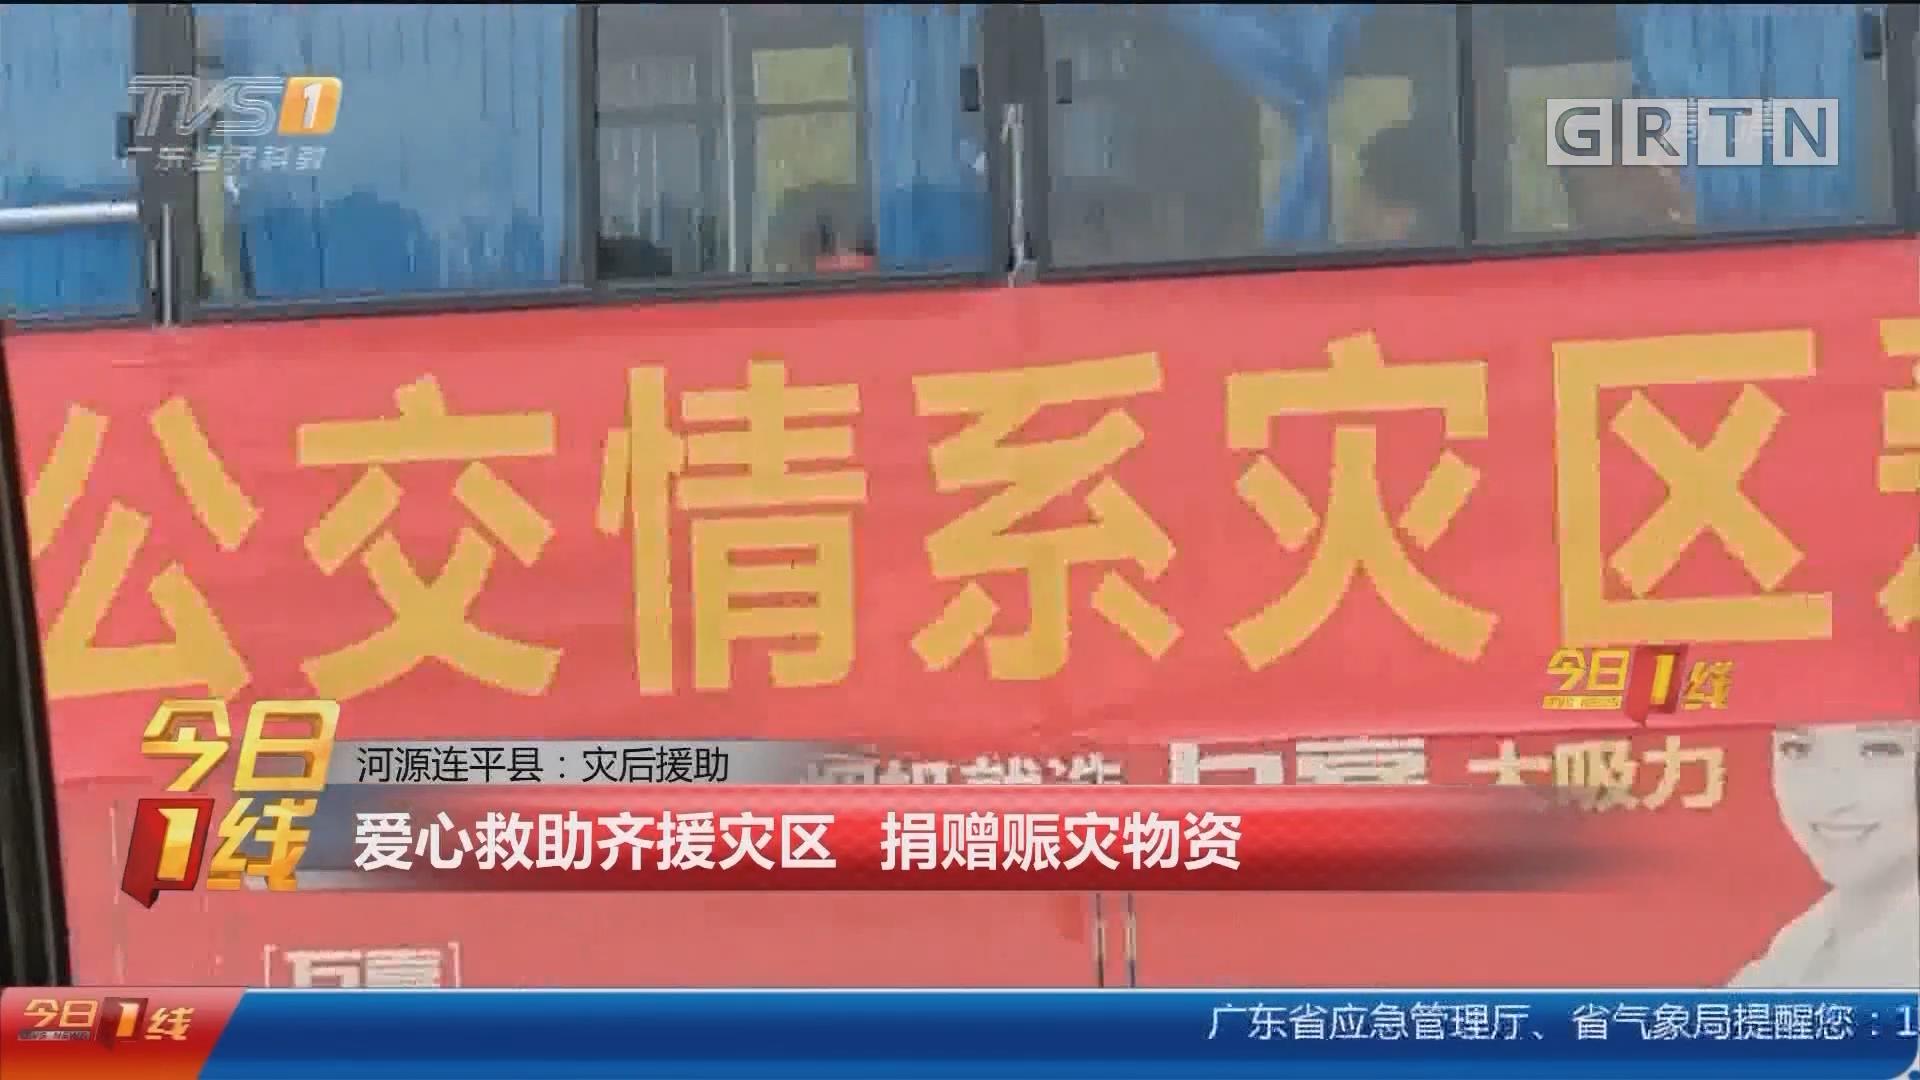 河源连平县:灾后援助 爱心救助齐援灾区 捐赠赈灾物资